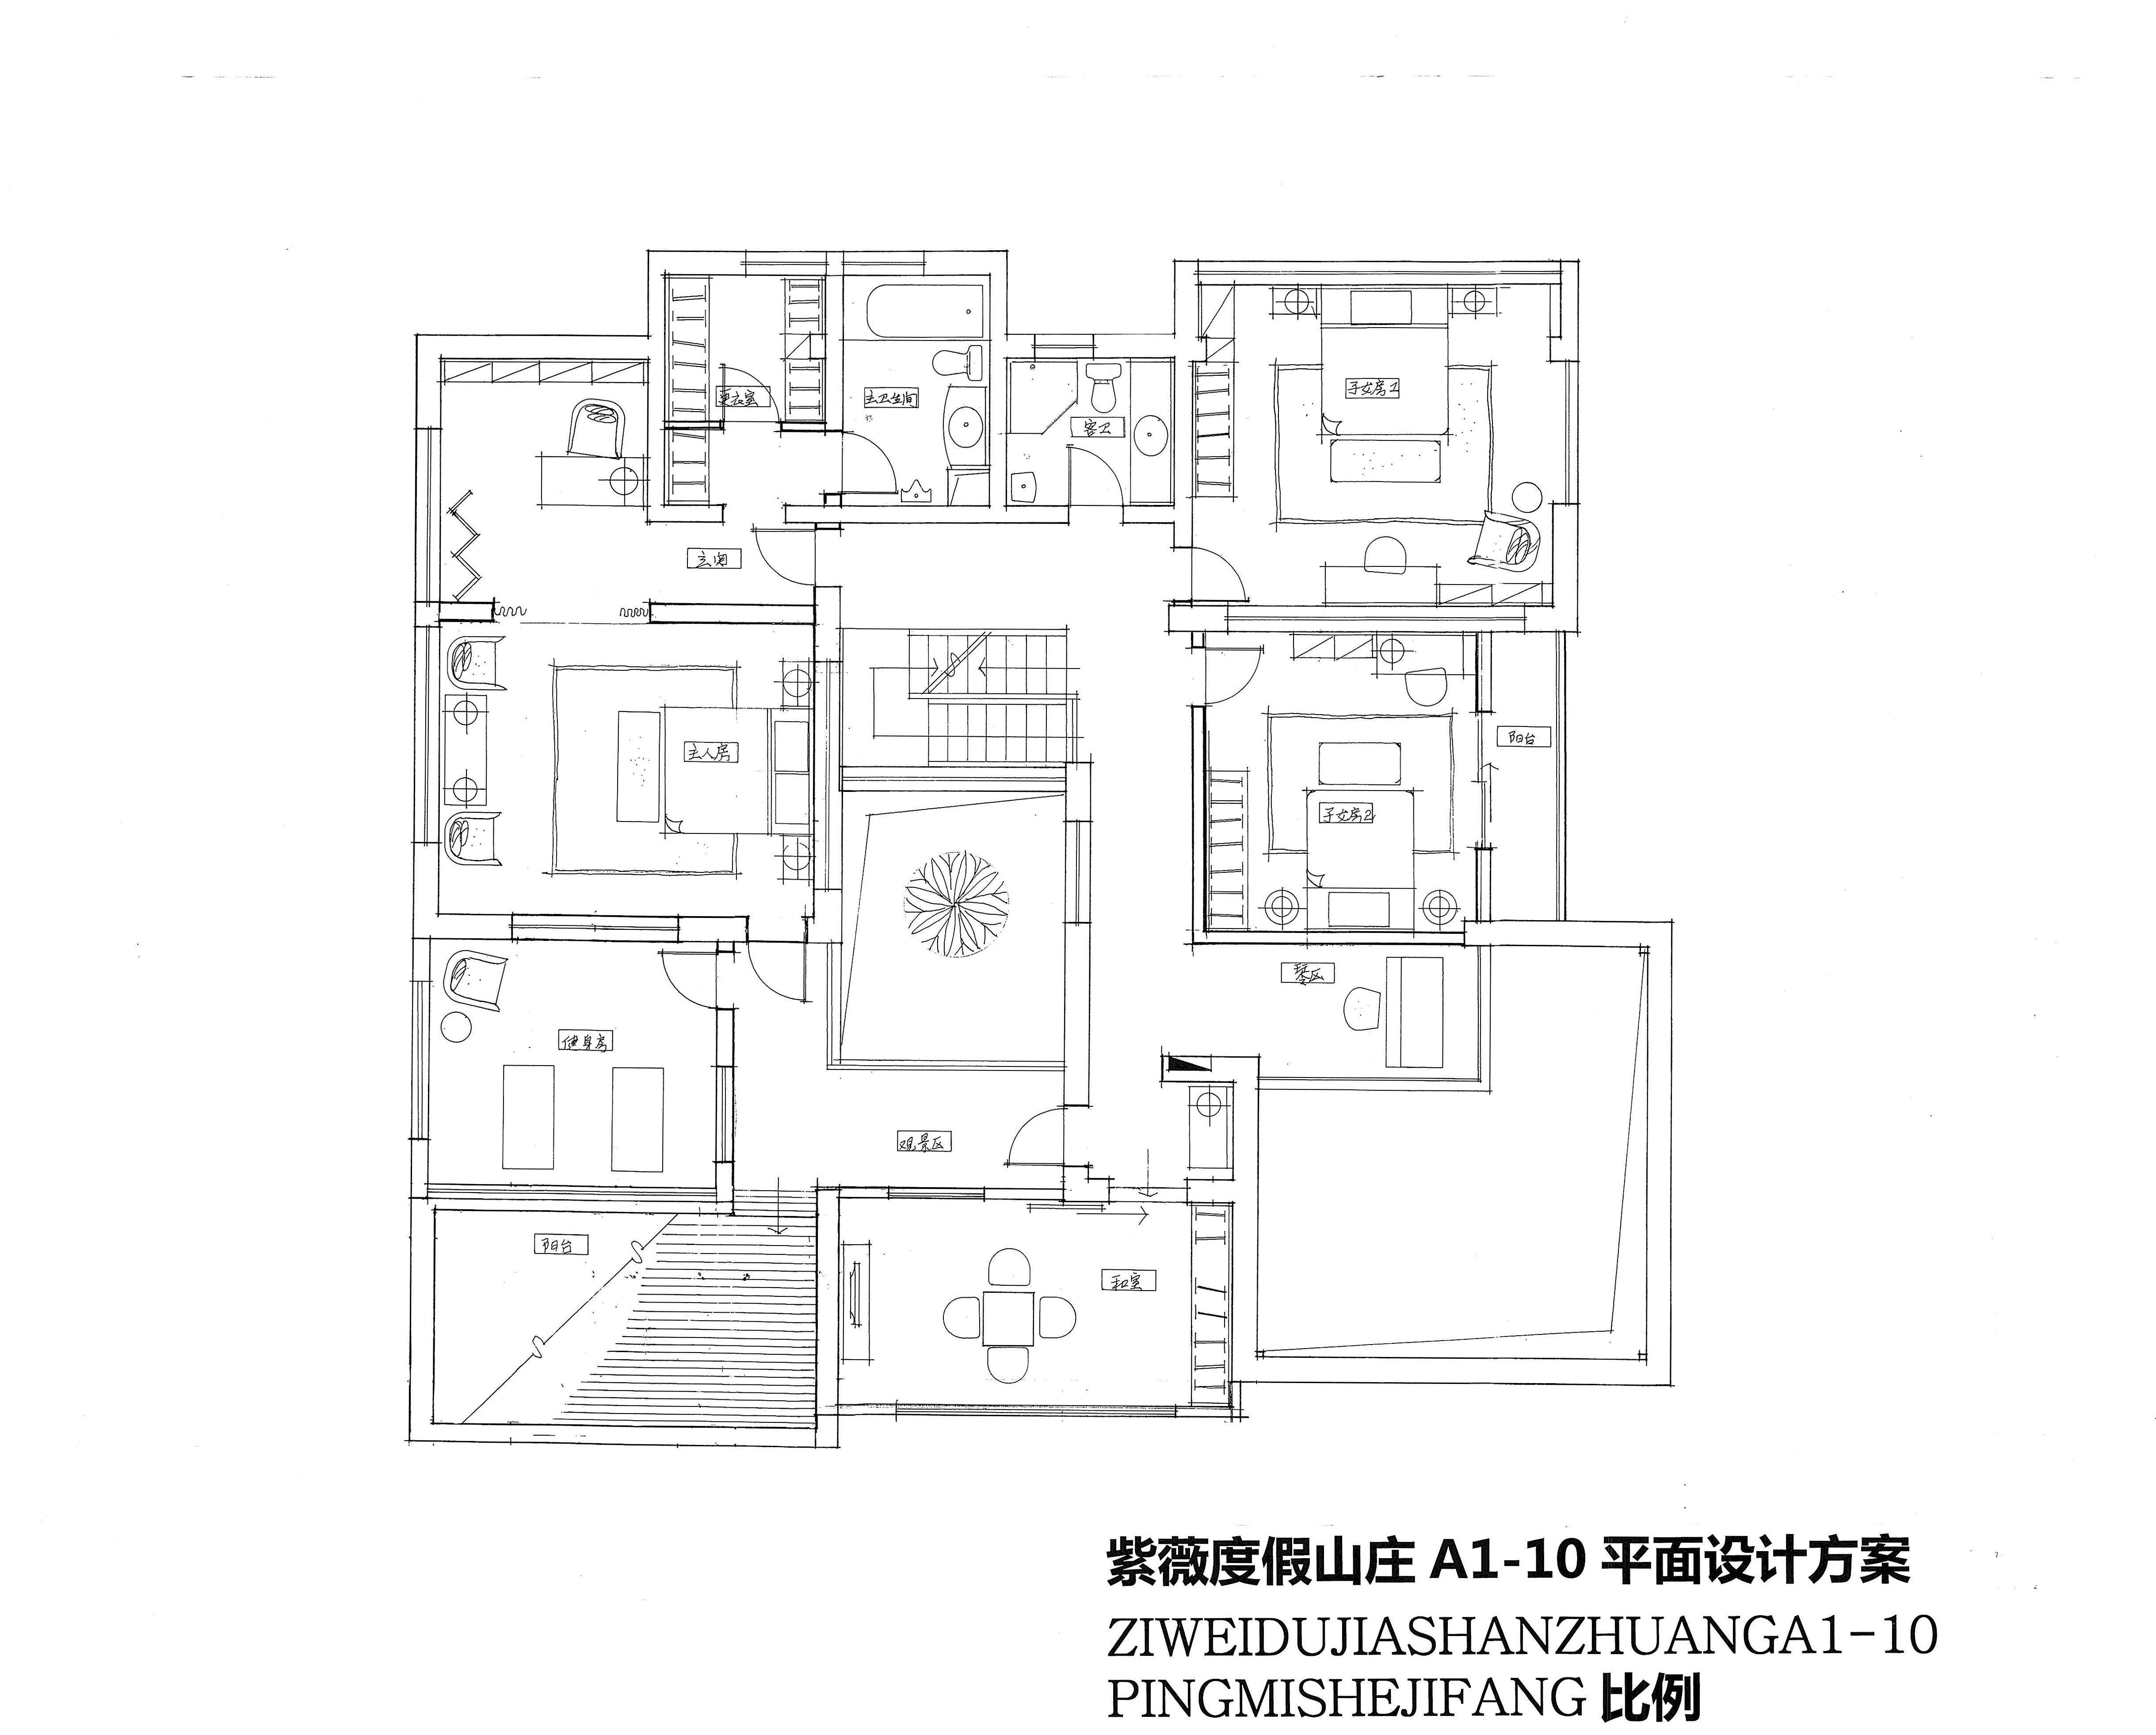 二层平面配置方案